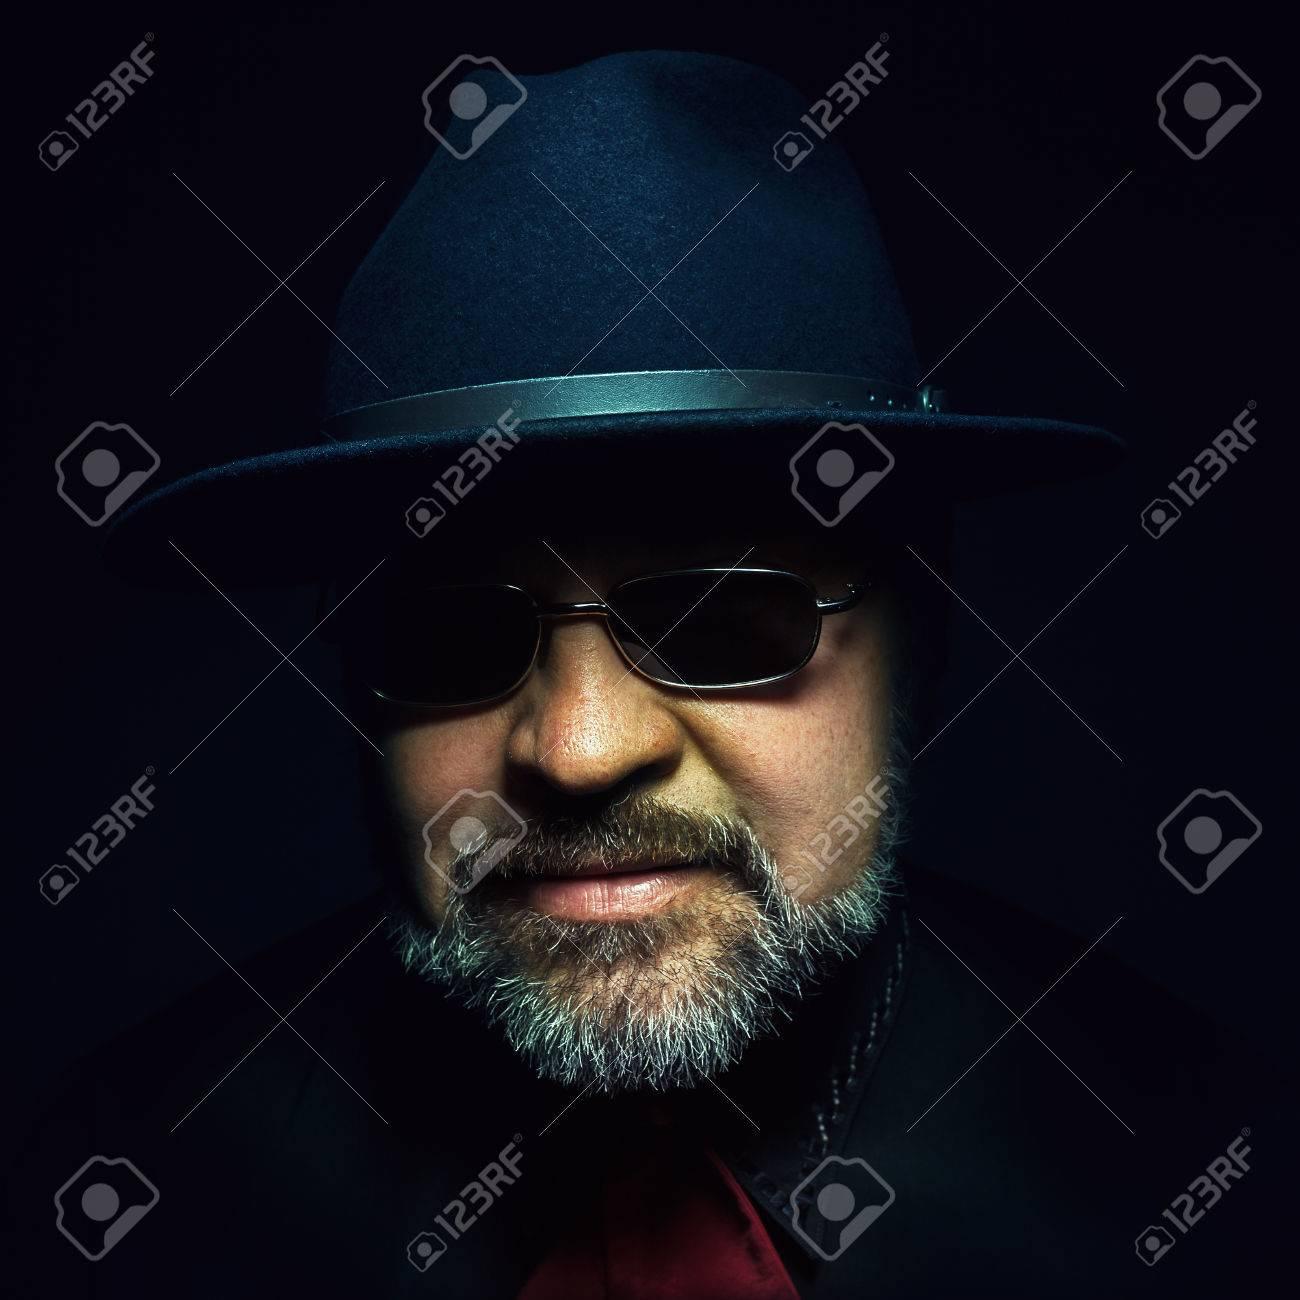 online qui aspetto estetico nuovo prodotto Barba uomo di mezza età che indossa cappello nero e occhiali da sole.